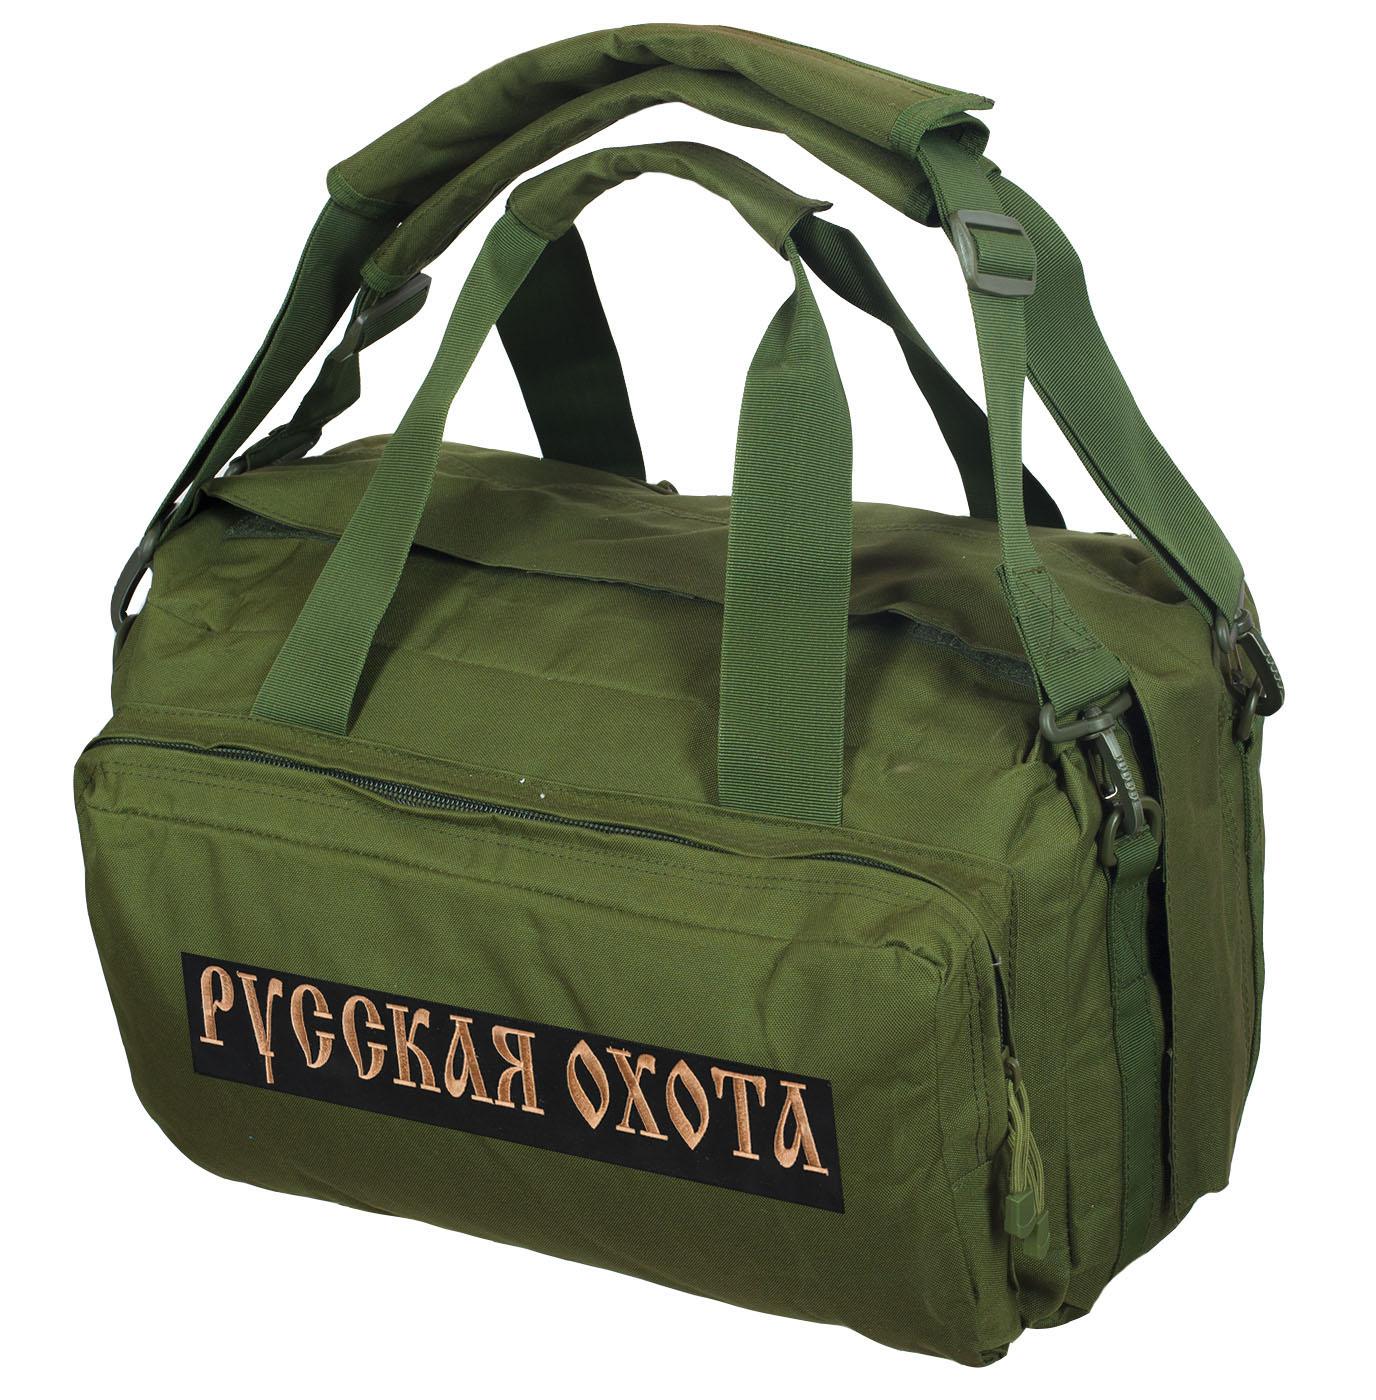 Походная сумка-рюкзак с нашивкой Русская Охота - купить онлайн